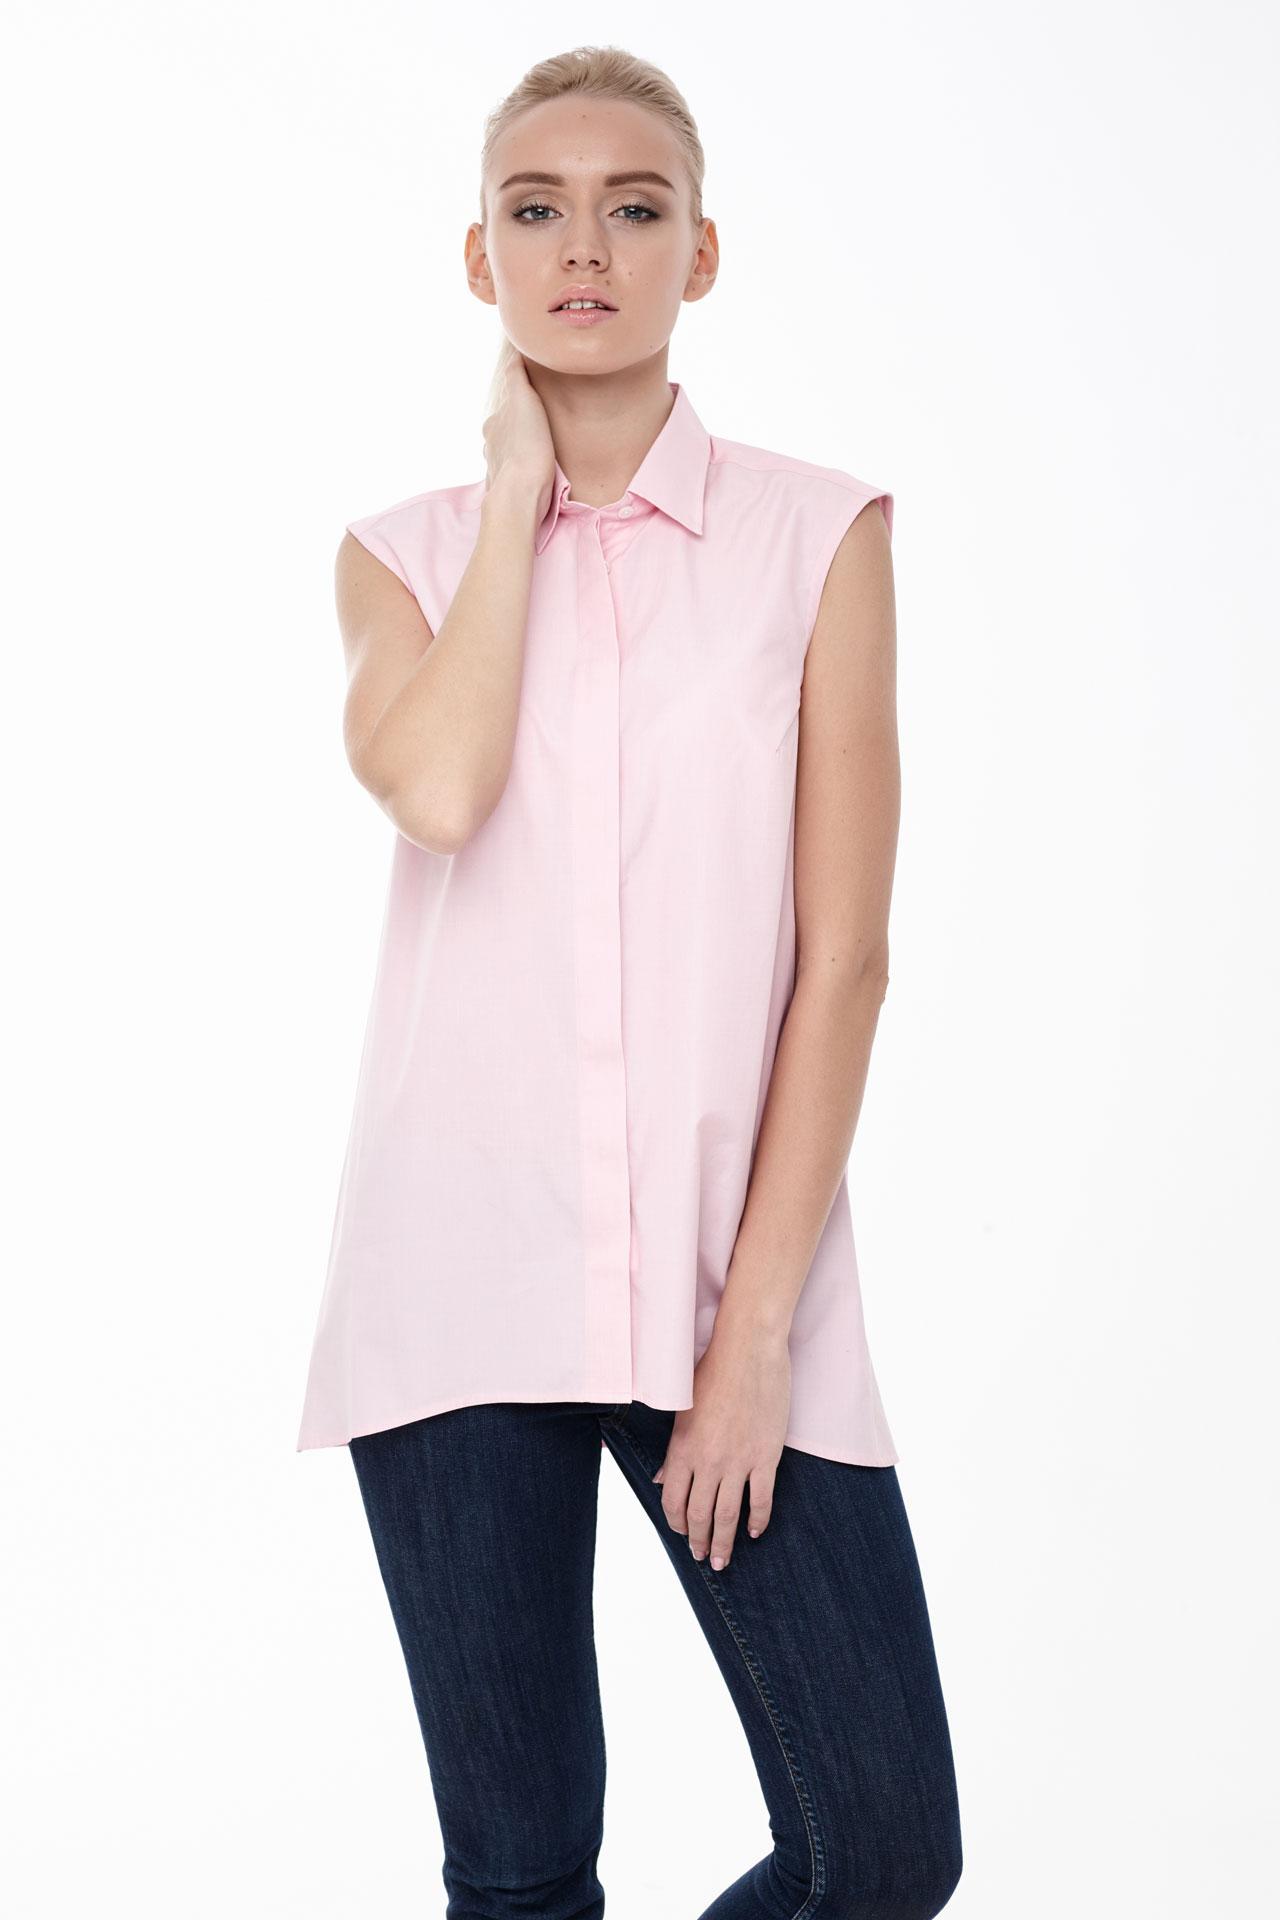 931c4241f579e2d Модели женской коллекции / Интернет-магазин Рубашка-на-заказ